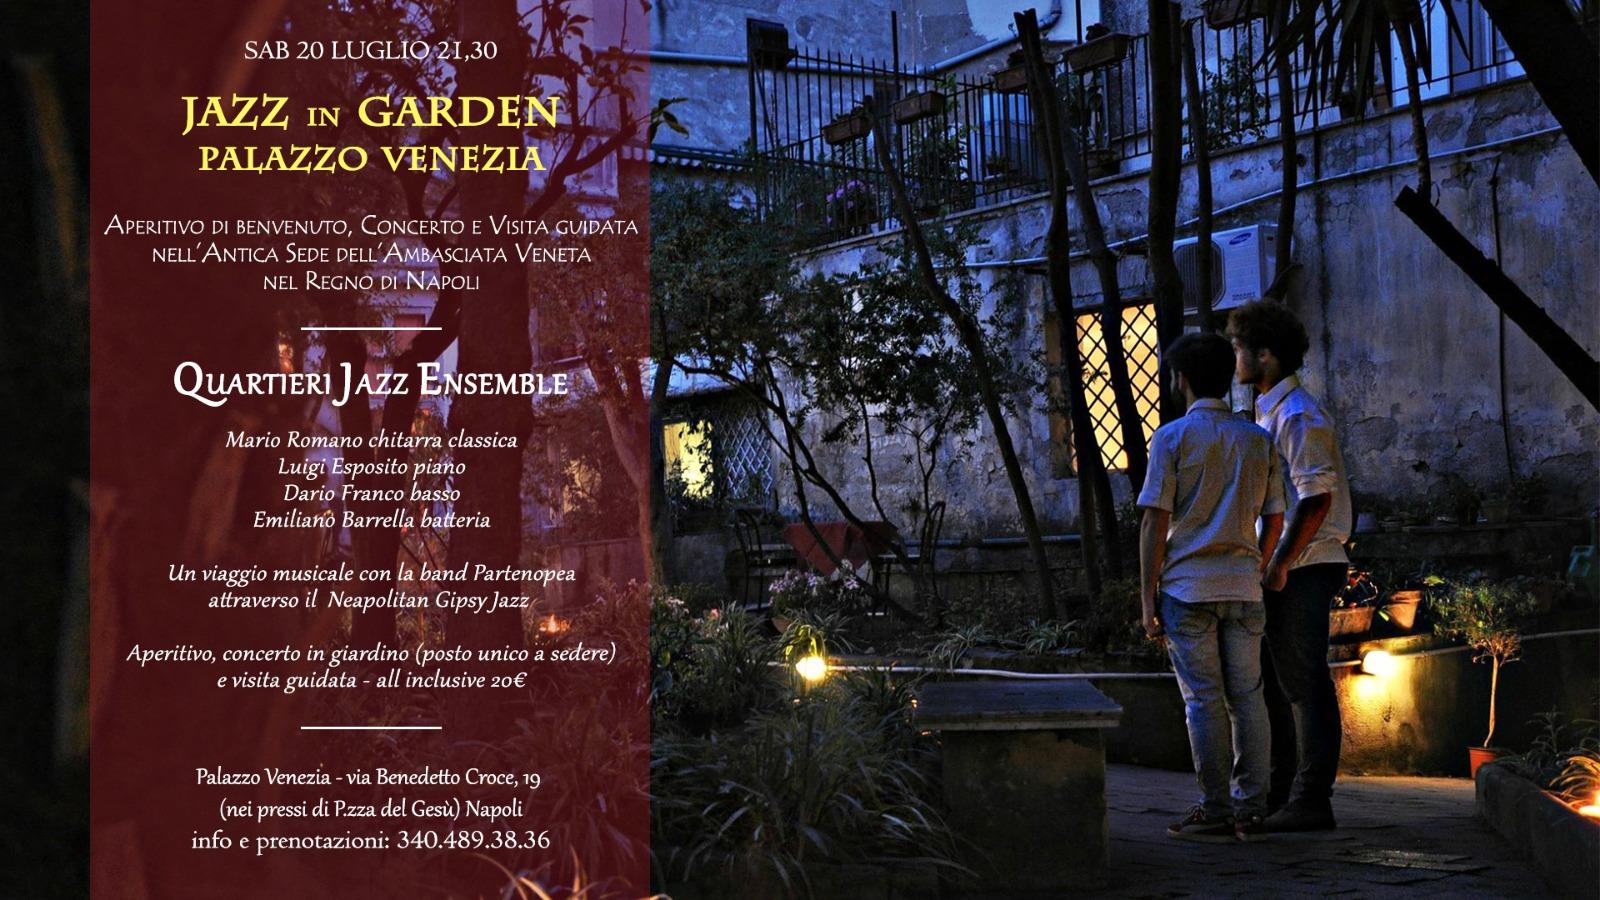 Jazz in garden al Palazzo Venezia di Napoli: aperitivo, concerto e visita guidata